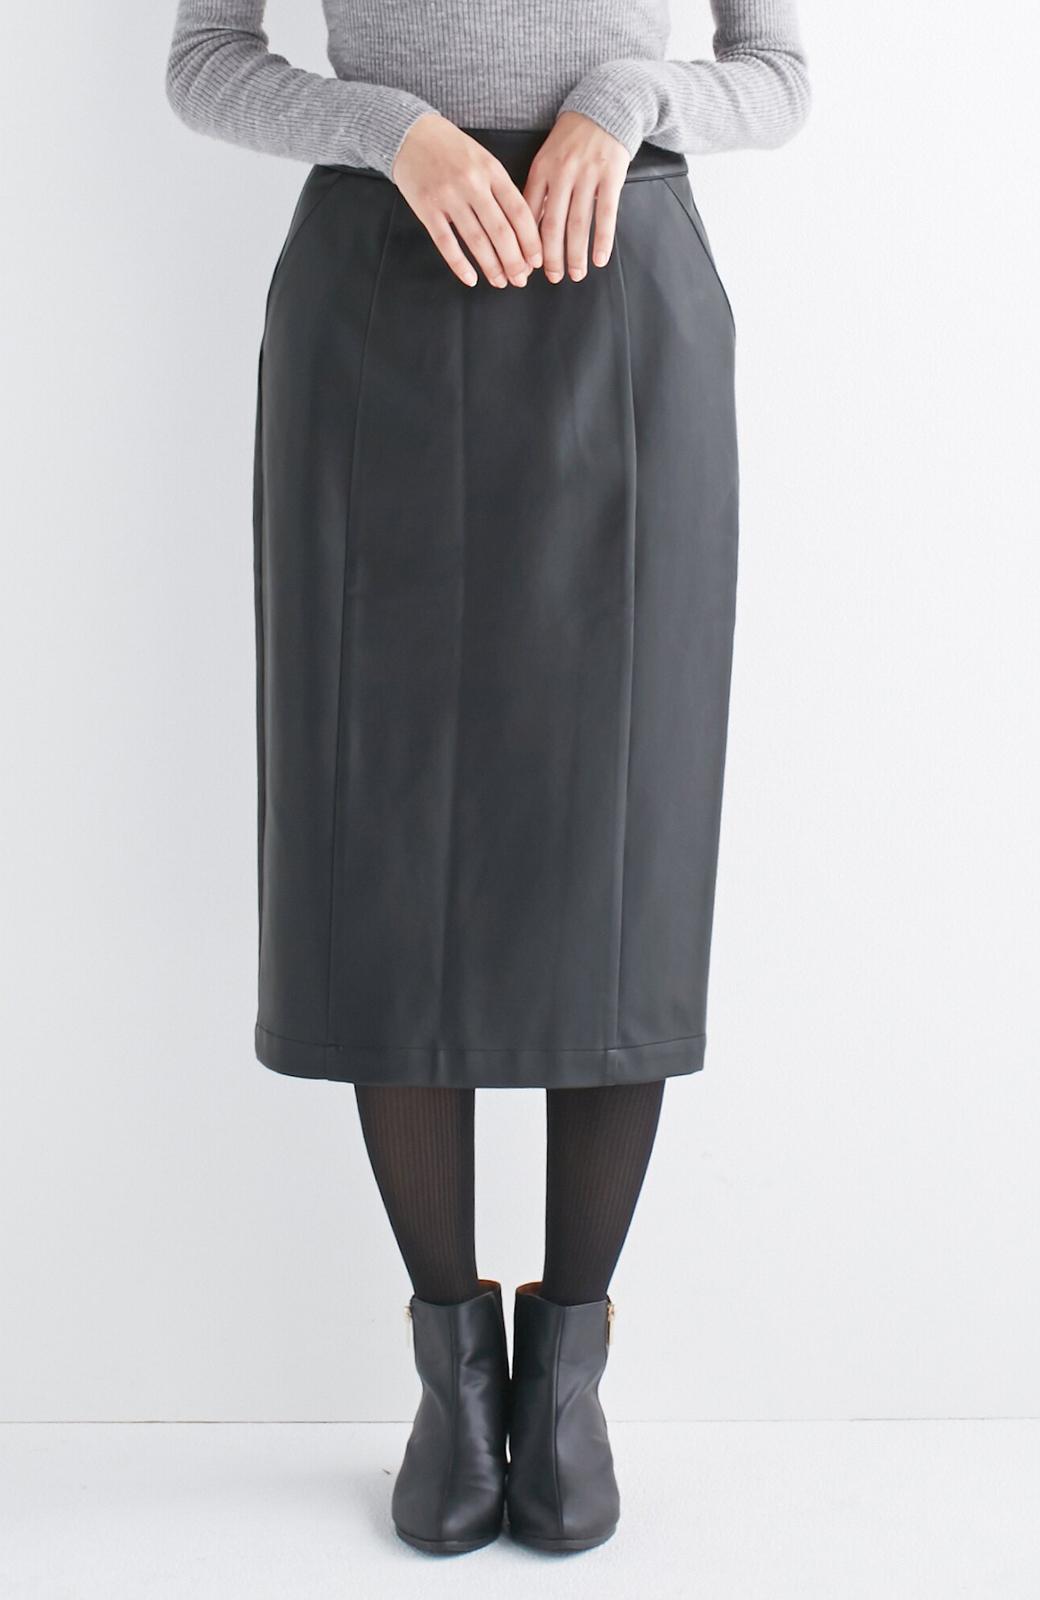 haco! どんなにカジュアルなものを合わせても女らしくなれる、フェイクレザーのタイトスカート by que made me <ブラック>の商品写真2